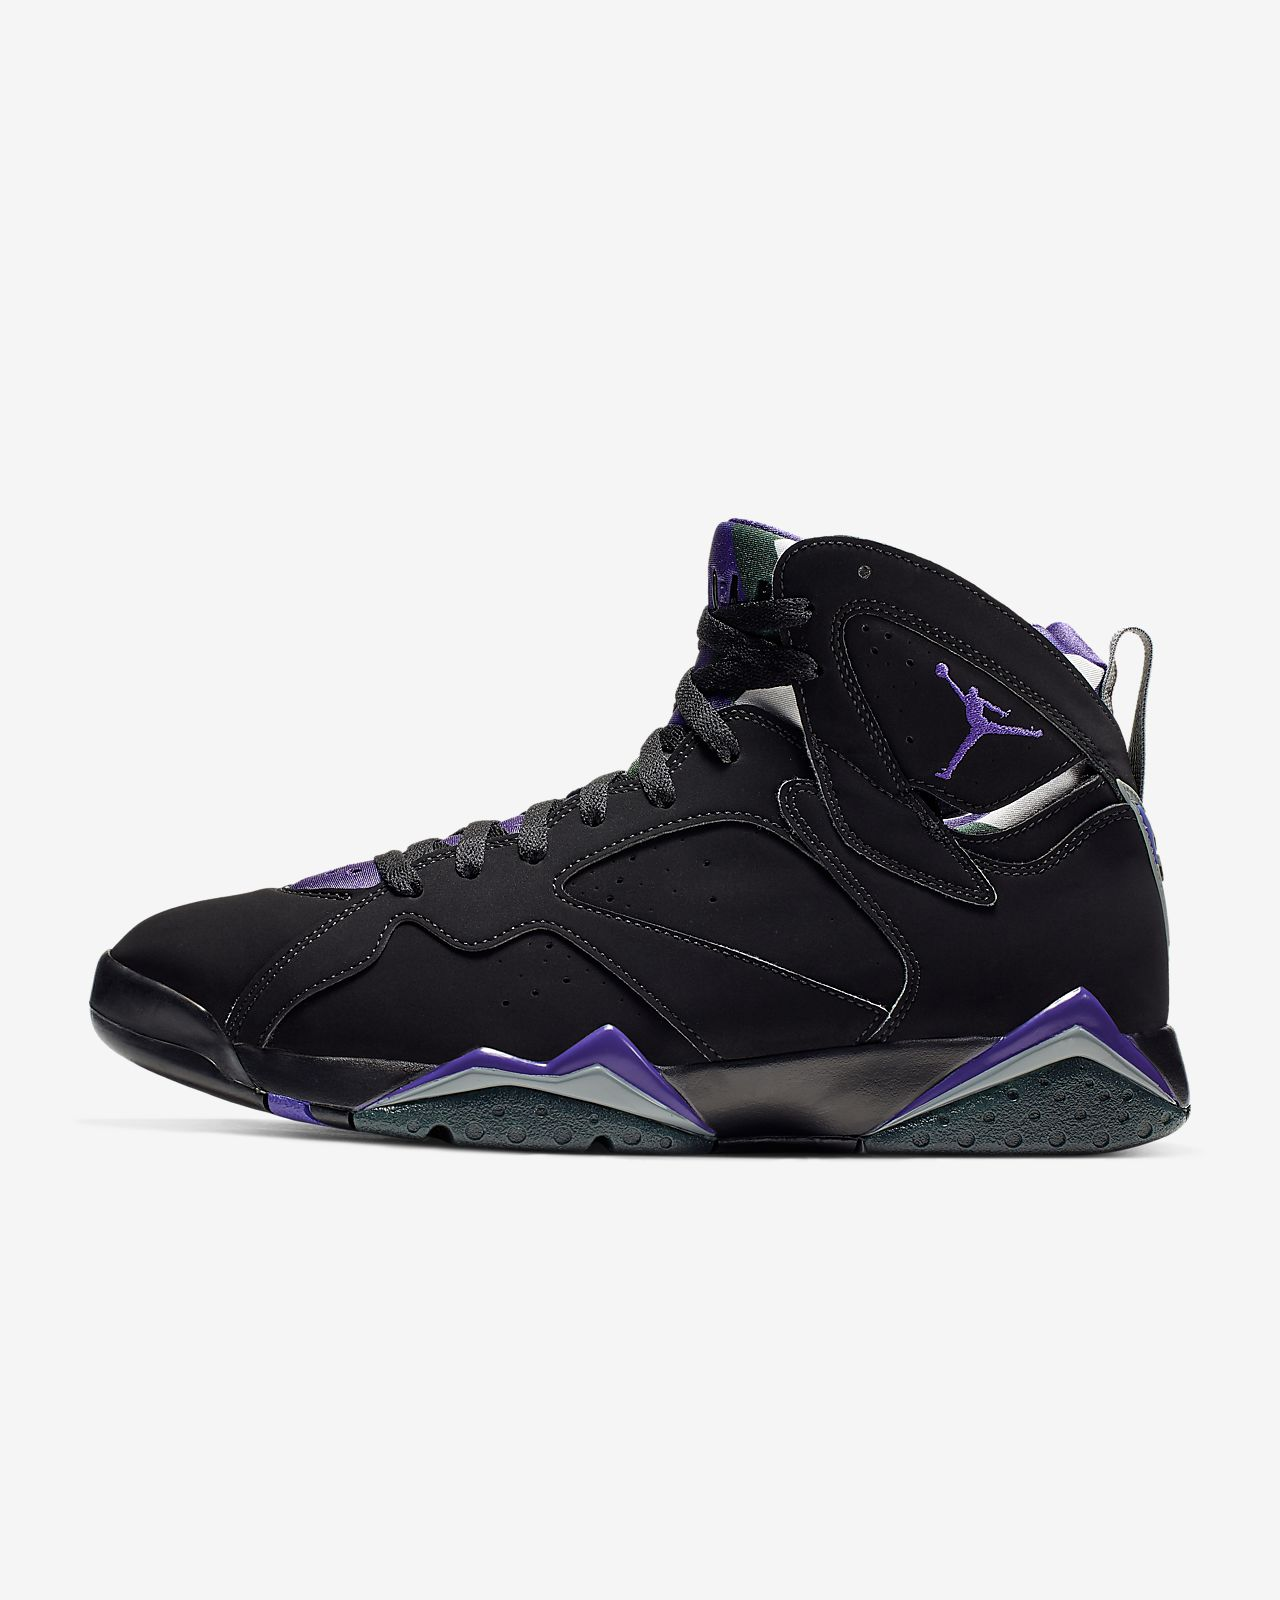 รองเท้าผู้ชาย Air Jordan 7 Retro